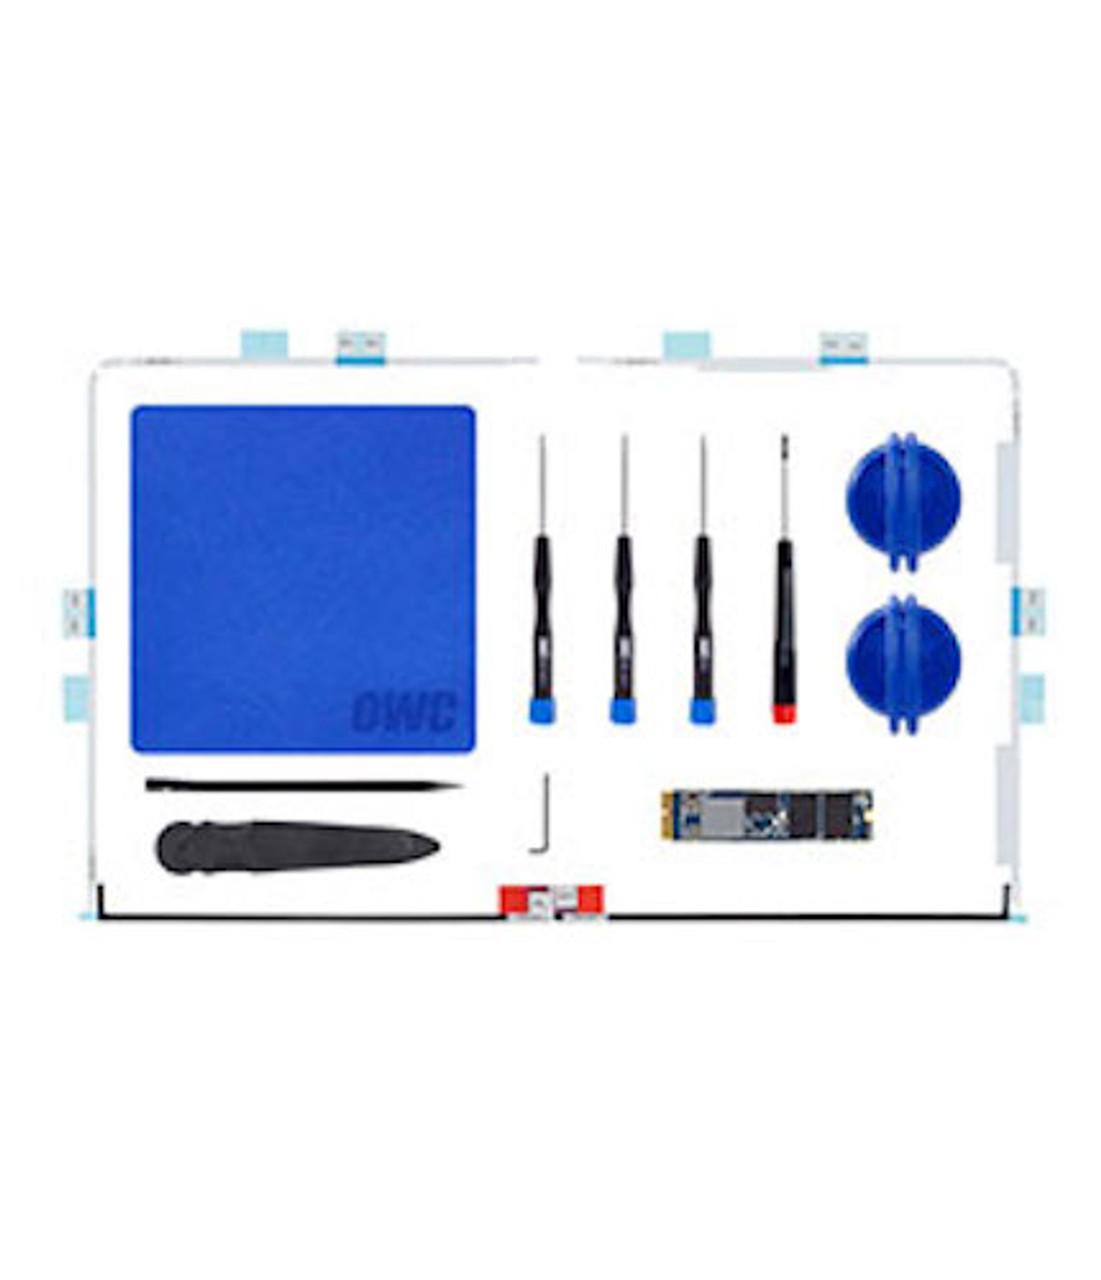 OWCS3DAPT4MA20K_2TB Aura Pro X2 DIY SSD upgrade kit_